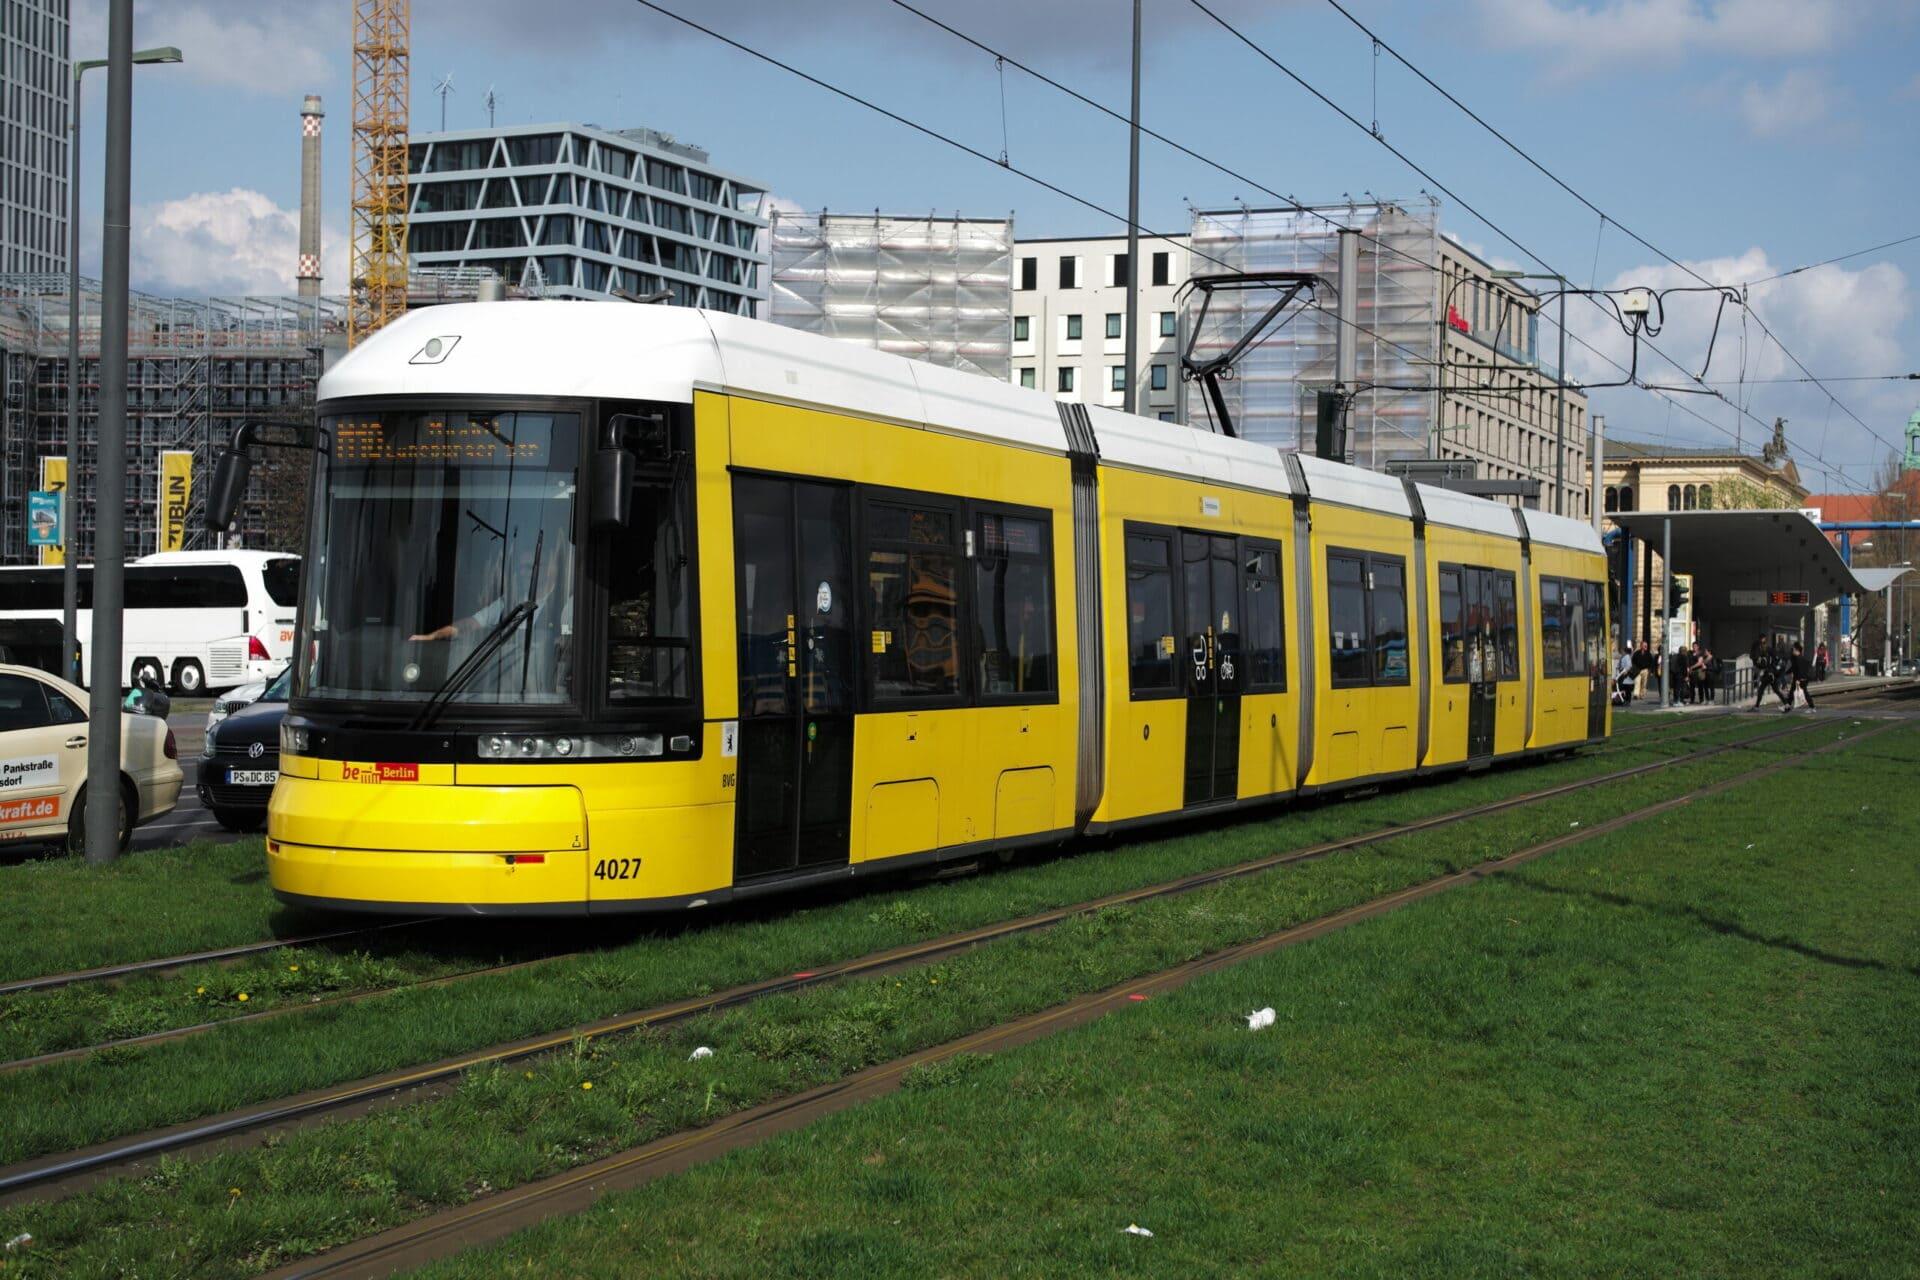 Straßenbahn am Hbf Berlin